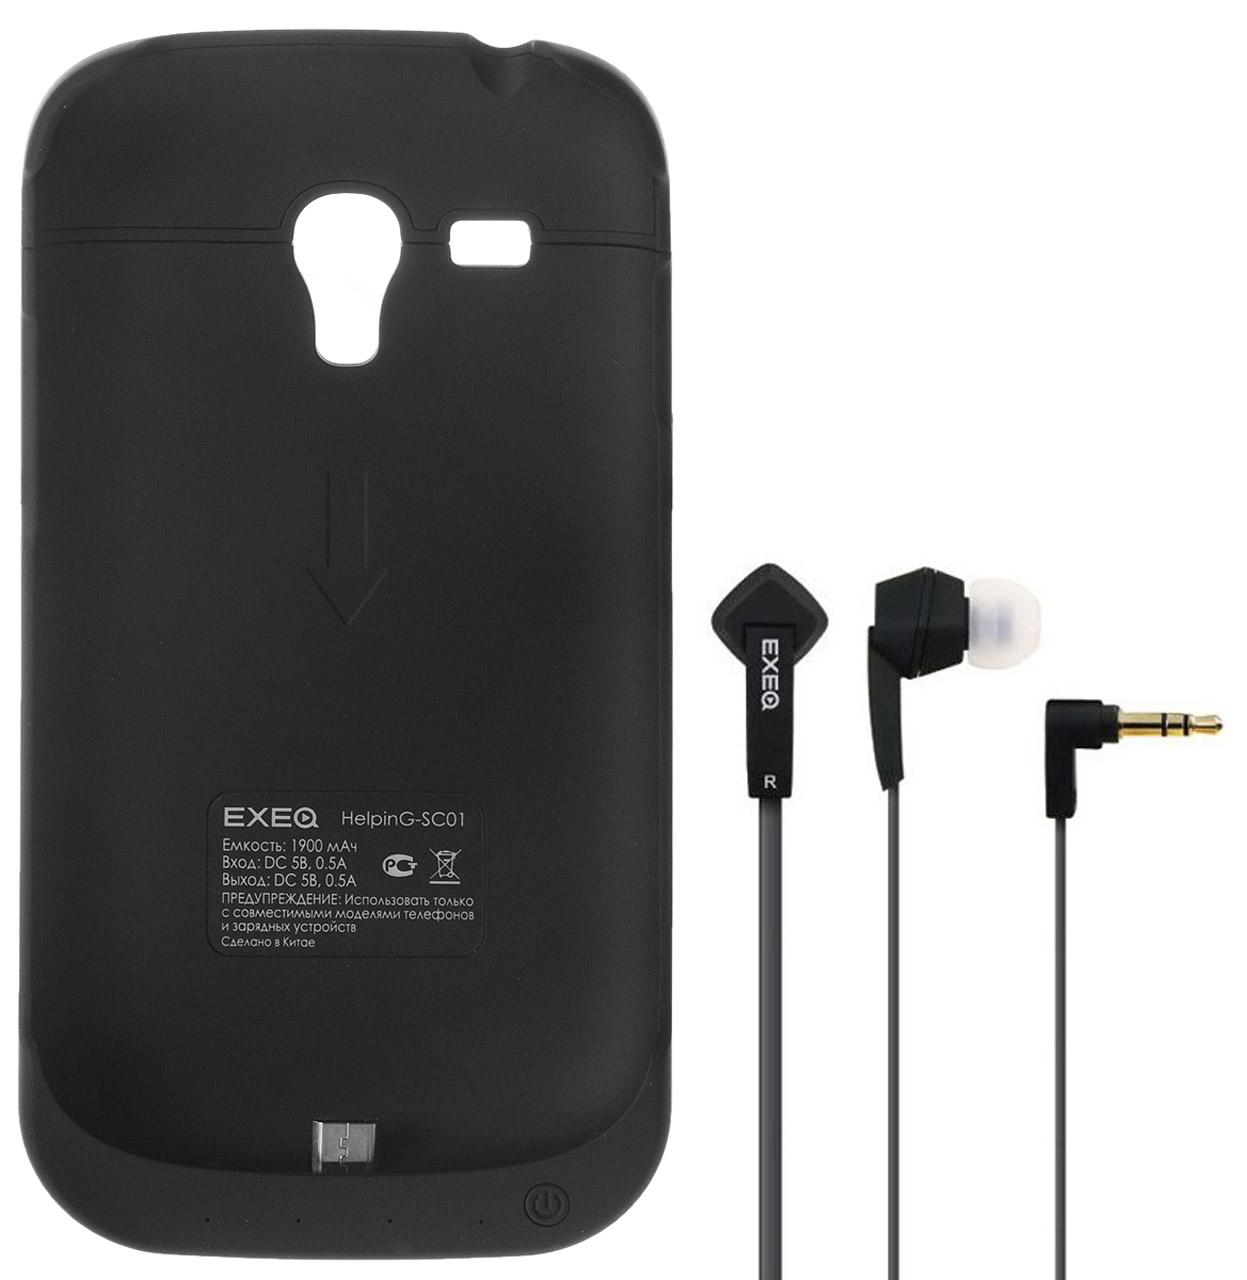 EXEQ HelpinG-SC01 чехол-аккумулятор для Samsung Galaxy S3 mini, Black (1900 мАч, клип-кейс)HelpinG-SC01 BLExeq HelpinG-SС01 – компактный чехол-аккумулятор для Samsung Galaxy S3 Mini. Дополнительный аккумулятор емкостью в 1900 мАч позволит повысить работоспособность вашего смартфона как минимум вдвое. Защитный чехол Exeq HelpinG-SС01 обеспечит надежную защиту смартфона от царапин, острых предметов и прочих внешних воздействий. Компактные размеры чехла и лаконичный дизайн позволят не только удобно и быстро поместить смартфон в чехол, но и совсем незначительно увеличат размеры и вес самого смартфона. Exeq HelpinG-SС01 станет просто великолепным аксессуаром для активных пользователей Samsung Galaxy S3 Mini, а также для тех, кто много времени проводит в дороге или собирается на отдых.Зарядка чехла-аккумулятора EXEQ HelpinG-SC01 происходит от зарядного устройства телефона, при этом аппарат из чехла доставать не нужно. Достаточно просто подсоединить зарядное к чехлу и зарядка начнется автоматически. Для зарядки телефона необходимо подсоединить зарядное устройство к чехлу и нажать на кнопку питания на чехле. Аналогично происходит и подключение телефона к компьютеру – чехол-аккумулятор Exeq HelpinG-SС01 обеспечивает идеальную передачу данных между смартфоном и другими электронными устройствами.В комплект также входят высококачественные наушники Exeq HPC-002 с плоским кабелем с защитой от спутывания. Для блокировки нежелательных шумов в комплекте с наушниками поставляются мягкие силиконовые амбушюры 3-х размеров, которые удобно помещаются в ушах и не оказывают давления на ушную раковину. Прочный L-образный штекер с позолоченным коннектором 3,5 мм позволит комфортно подключить Exeq HPC-002 ко многим портативным устройствам.Технические характеристики Exeq HPC-002:Частотный диапазон: 19-20000 ГцДинамики: 10 ммЧувствительность: 105 дБИмпеданс: 16 ОмДлина кабеля: 1,3 м